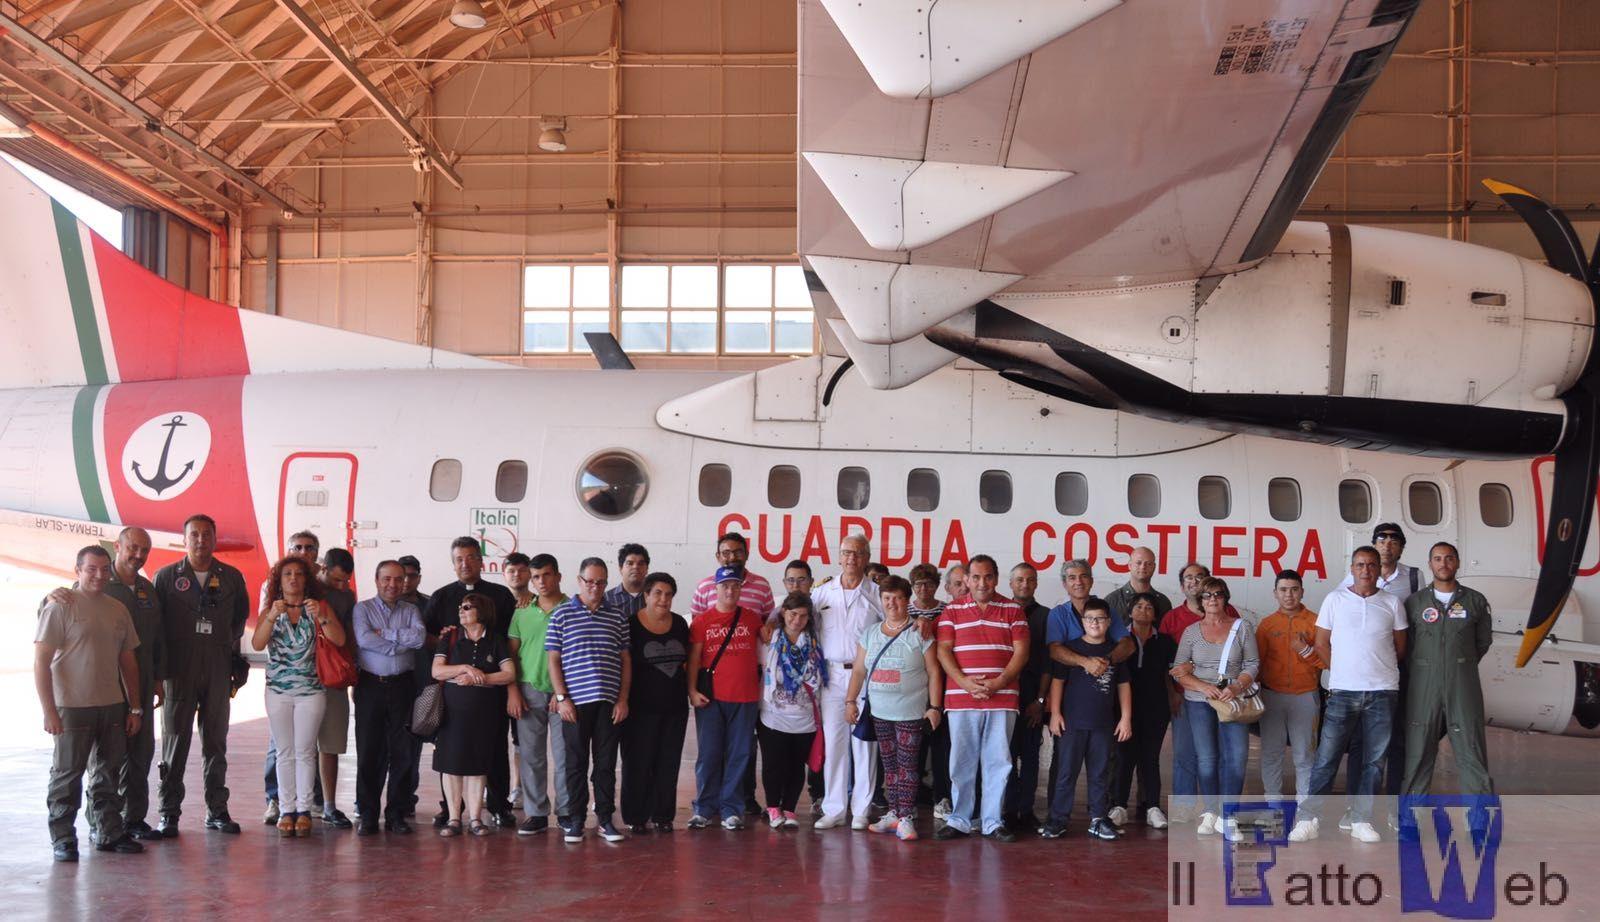 Catania: il villaggio San giuseppe dell' I.C.A.M. (Istituto Catechistico Annunciazione di Maria) in visita alla Base aeromobili della Guardia Costiera